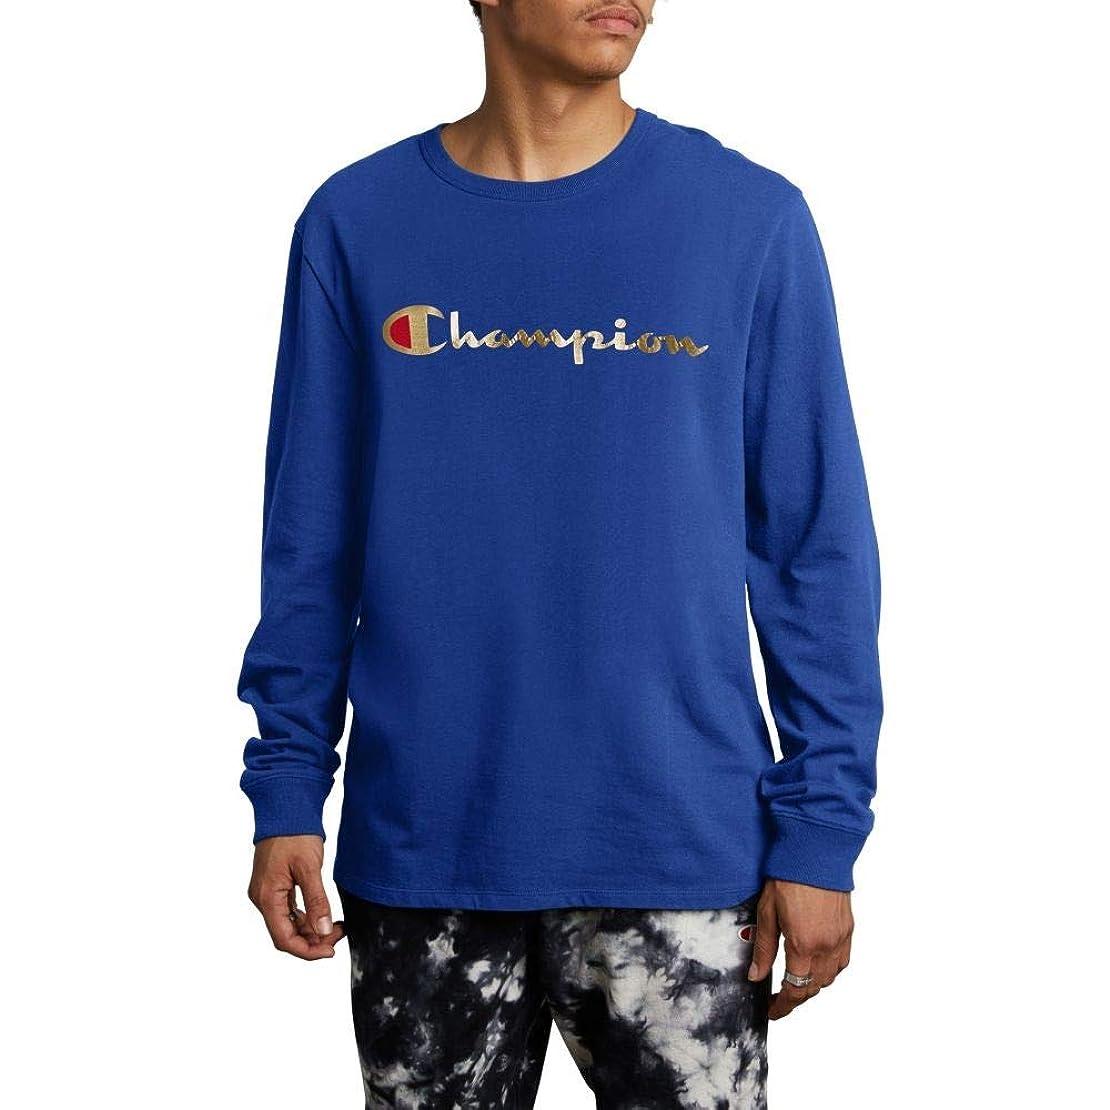 サミュエル仕事冷酷な(チャンピオン) CHAMPION メンズ トップス 長袖Tシャツ Gold Script Logo Long Sleeve T-Shirt [並行輸入品]